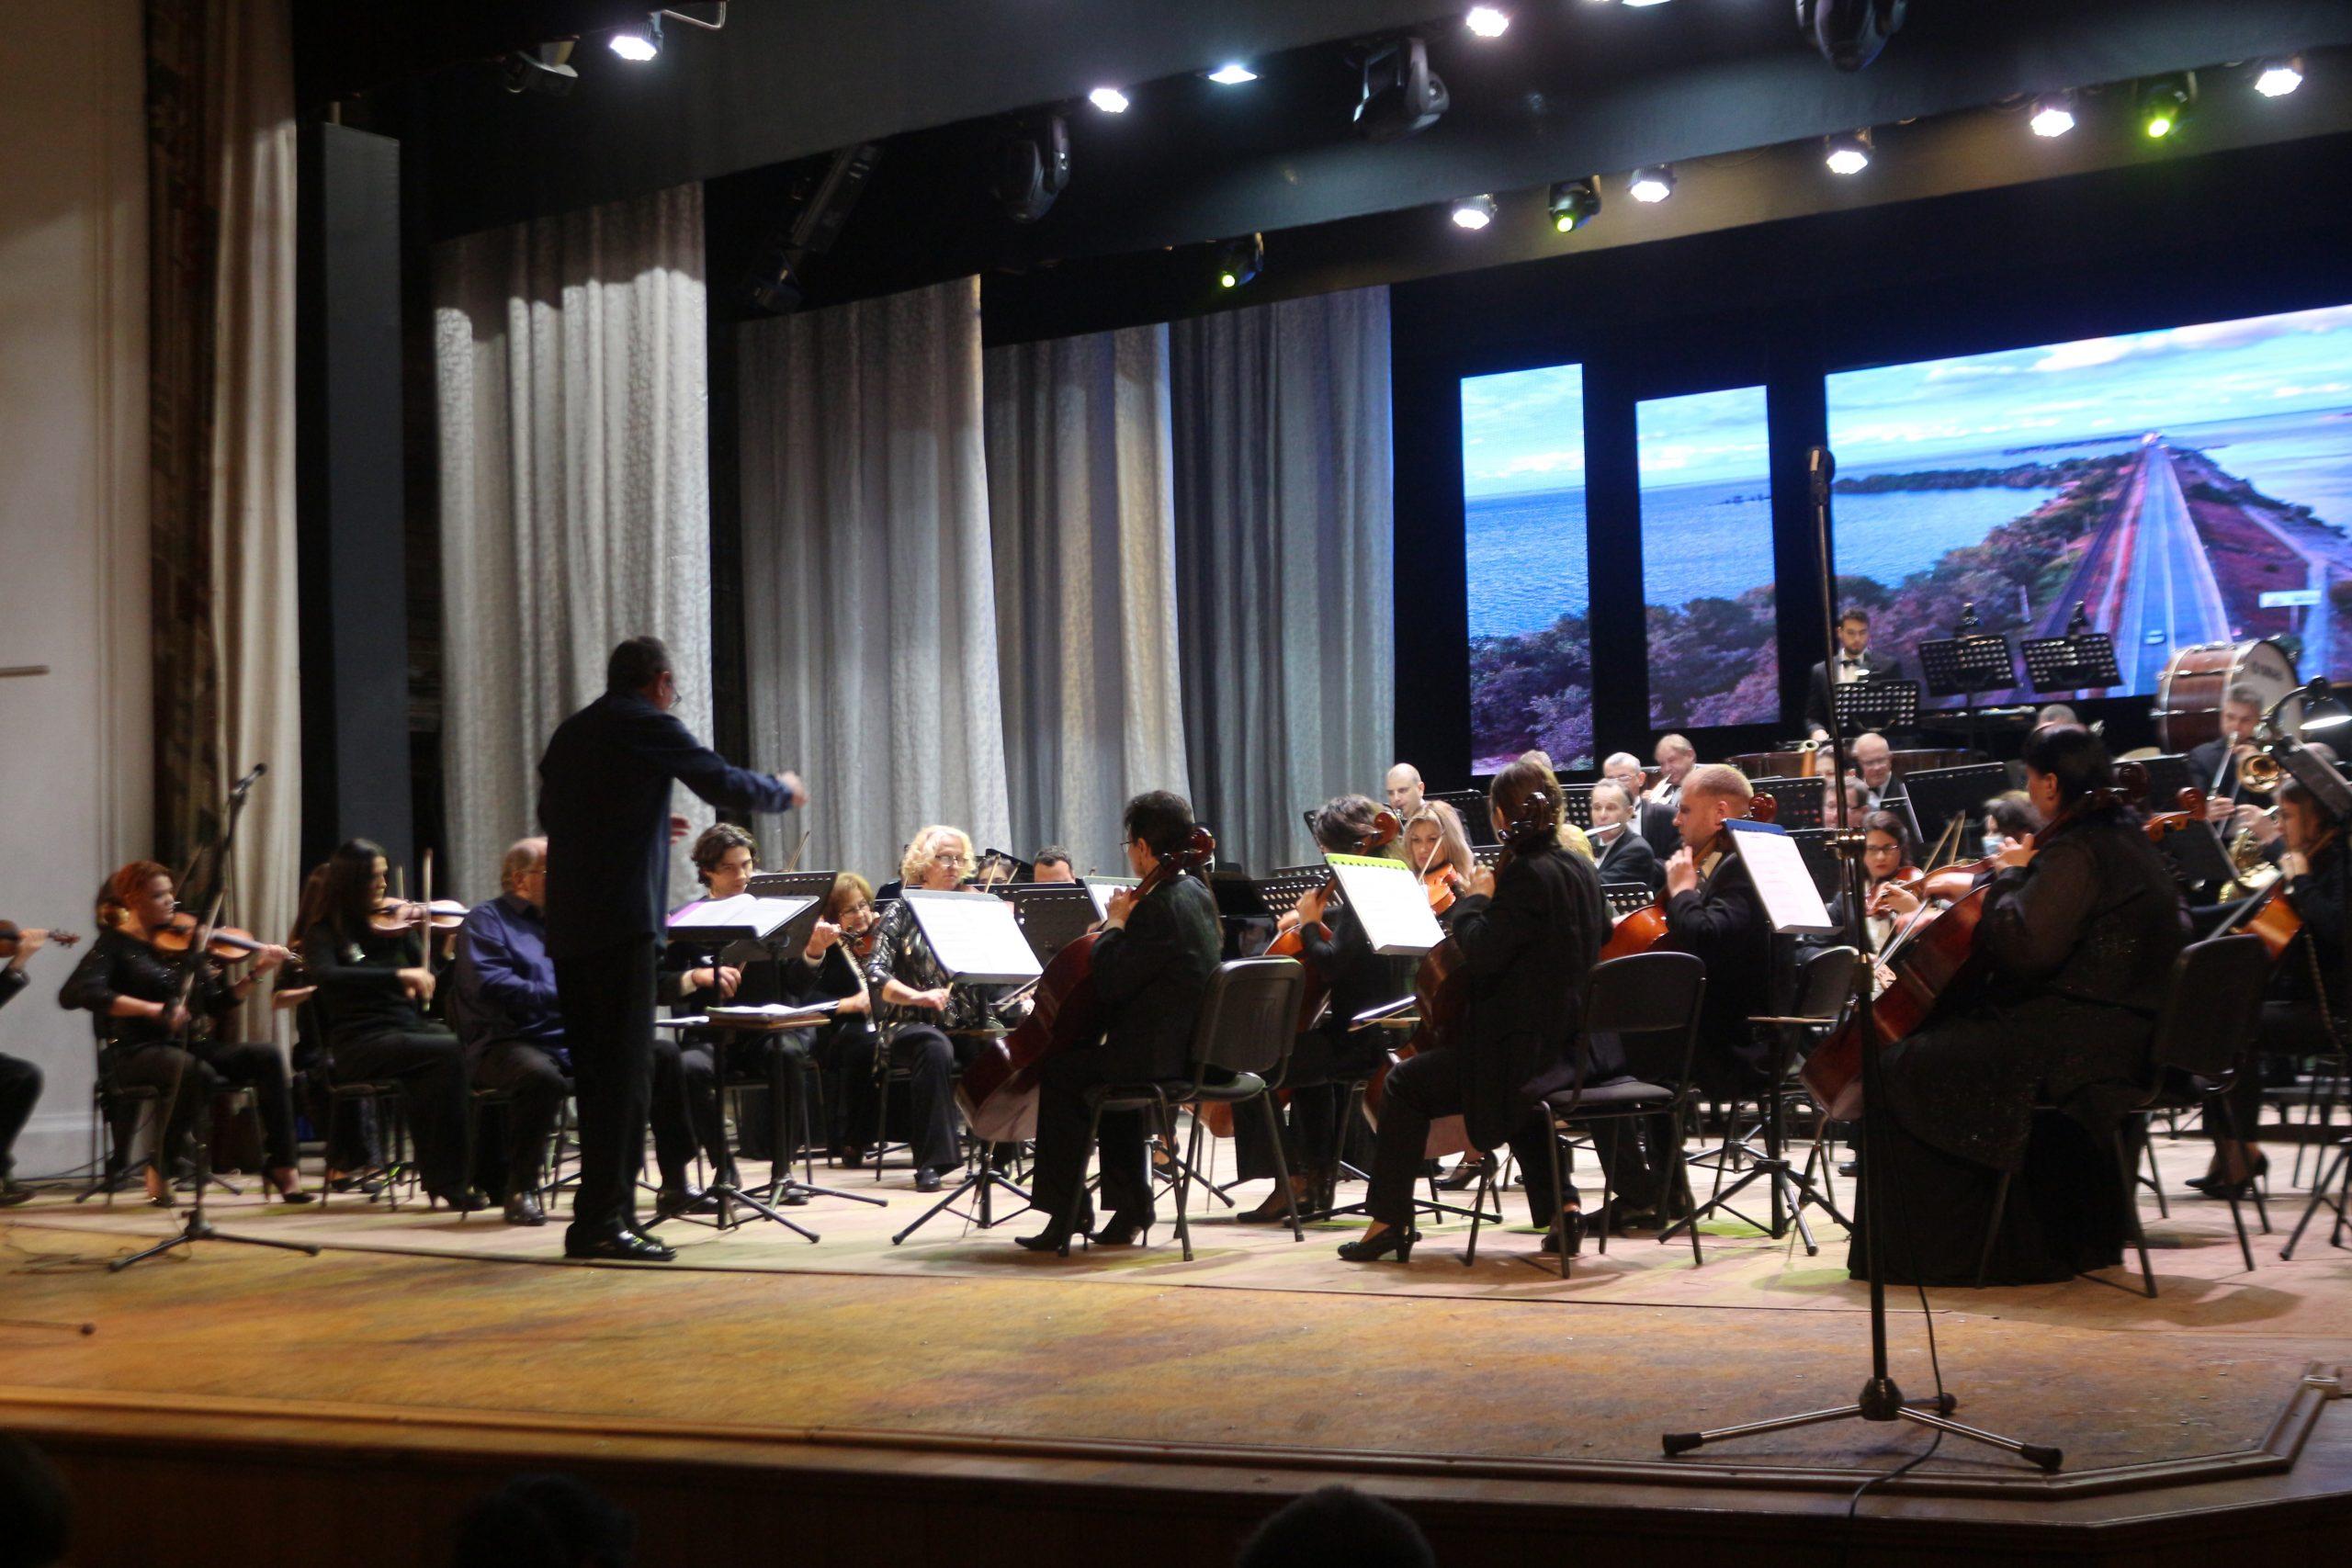 Симфонічний концерт відбувся в Черкасах (ВІДЕО)